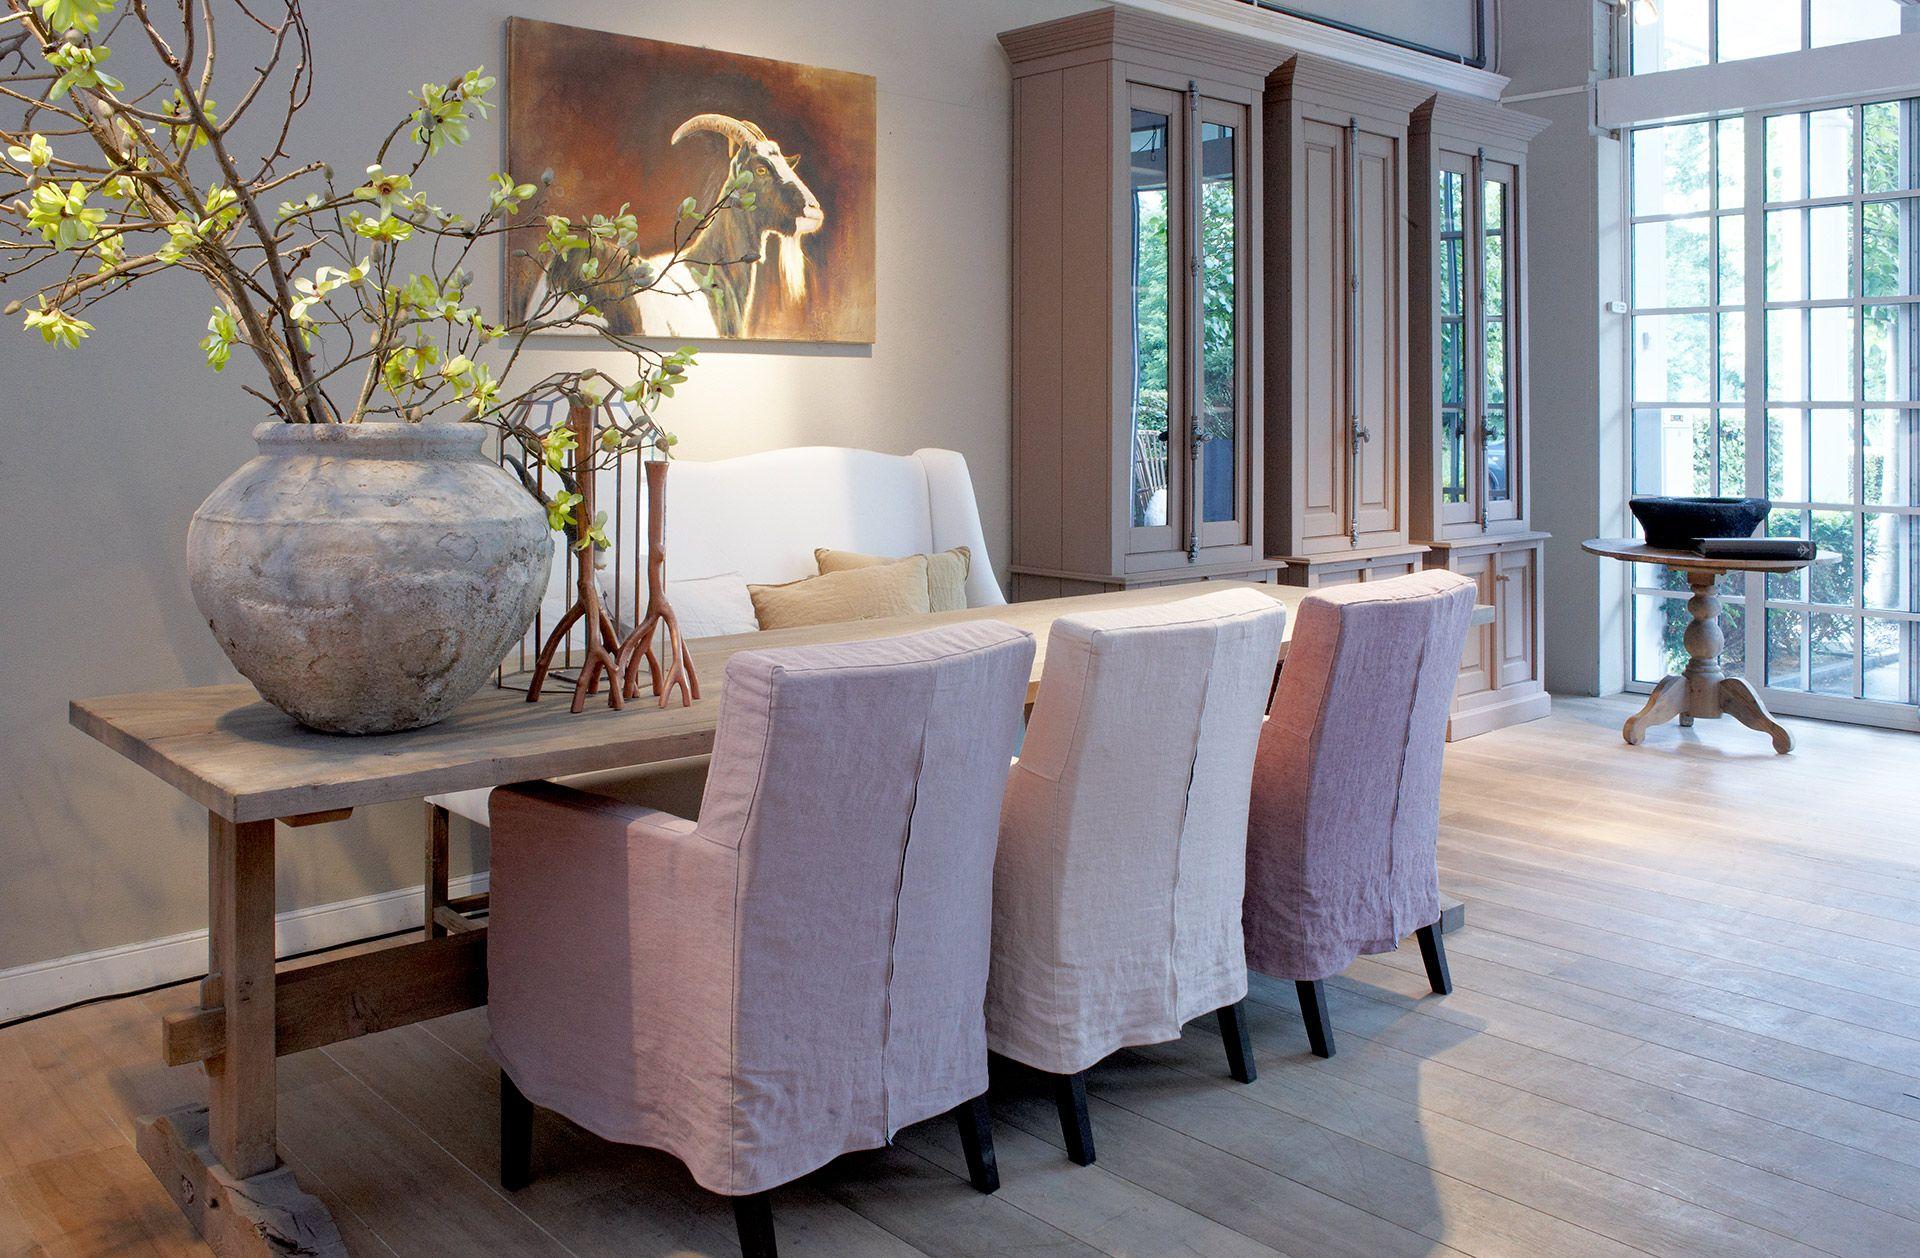 mooi furniture. Mooi Wonen Is Een Kunst. Het Vraagt Om Creatieve Artiest. De Interieurstylisten Van Furniture